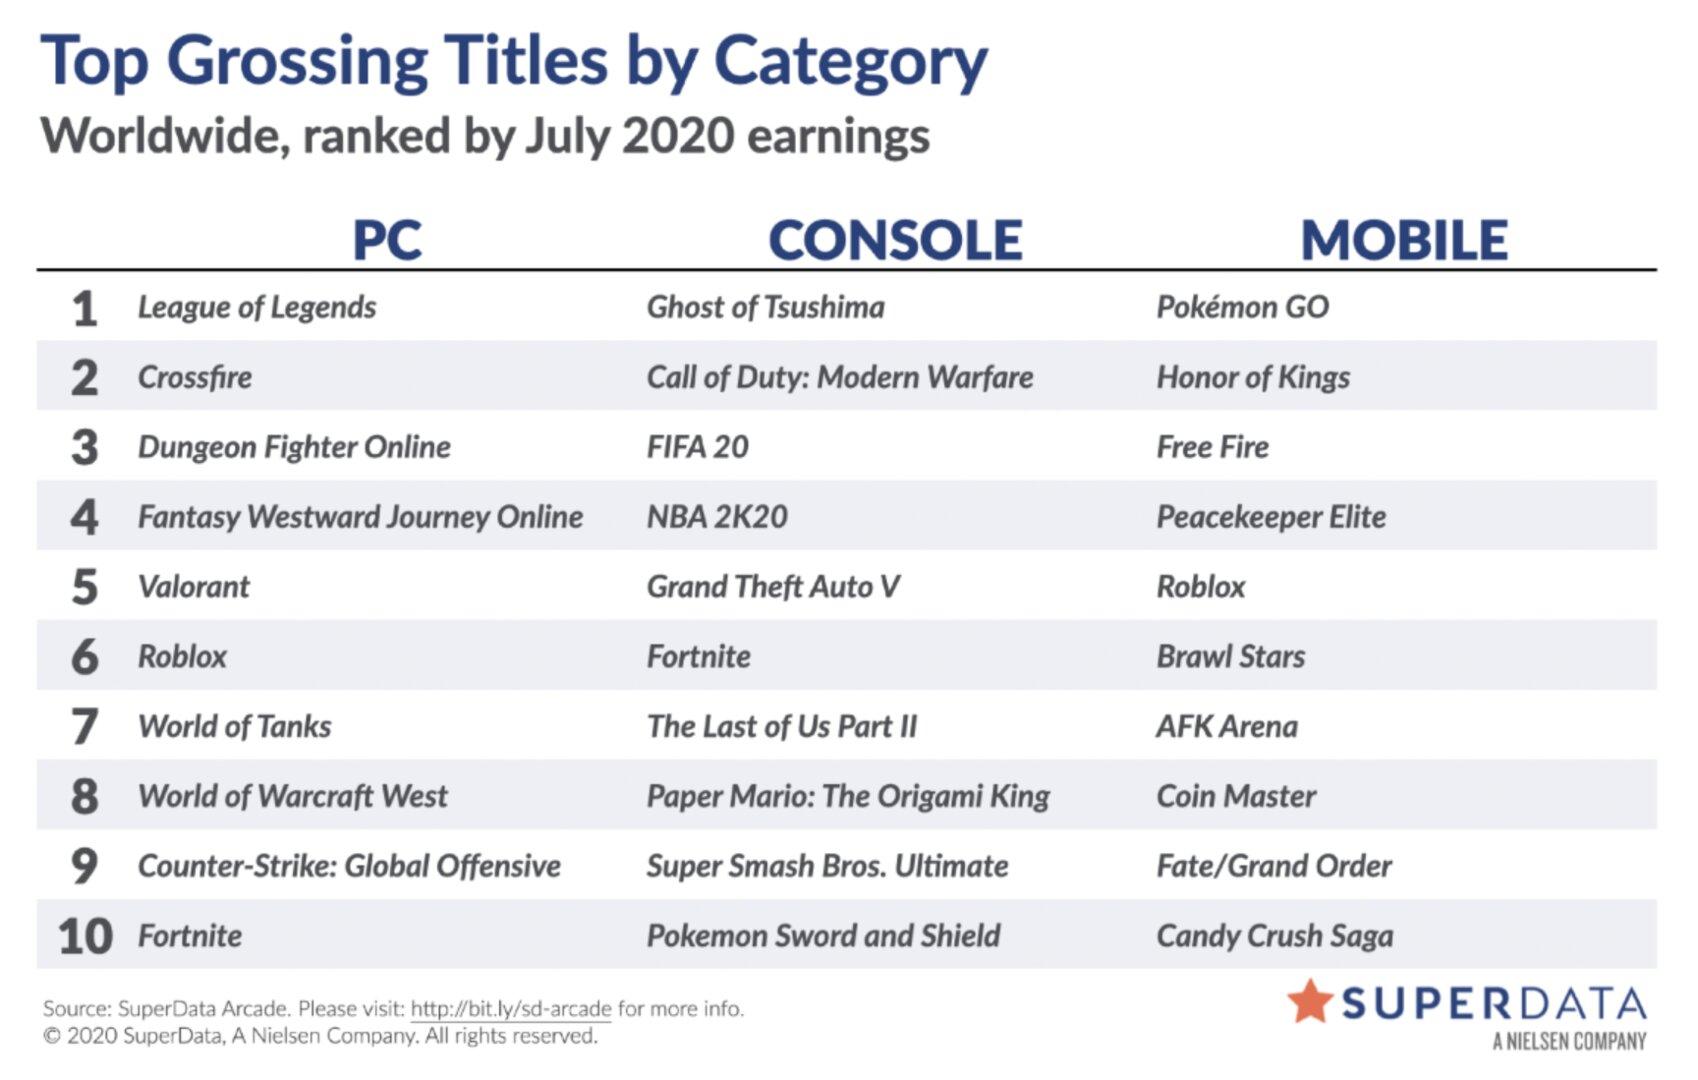 Liste der digital umsatzstärksten Videospiele im Juli 2020